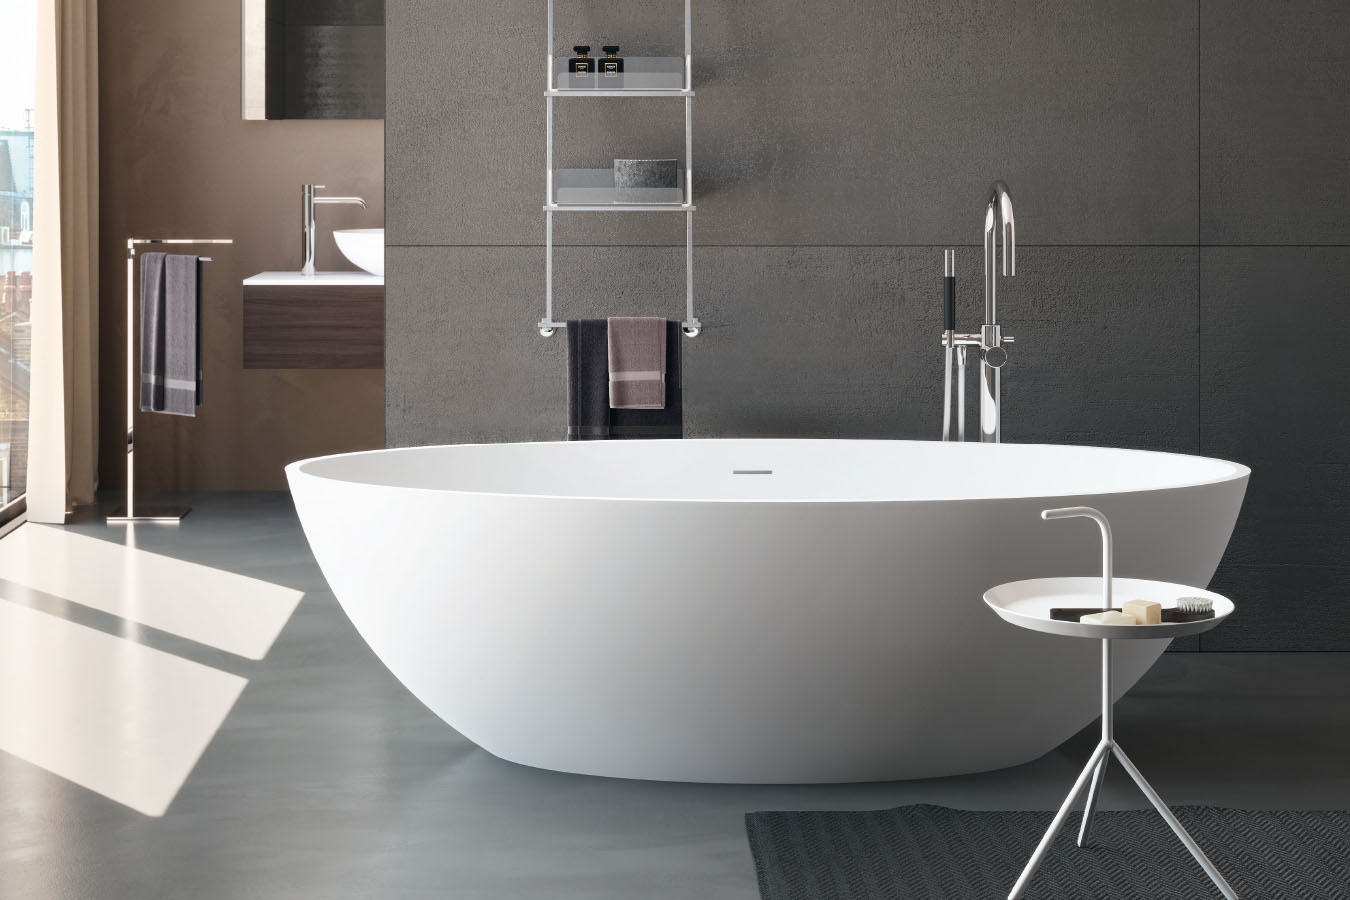 Vasche Da Bagno Angolari Treesse : Bagno con vasca angolare corporatebs